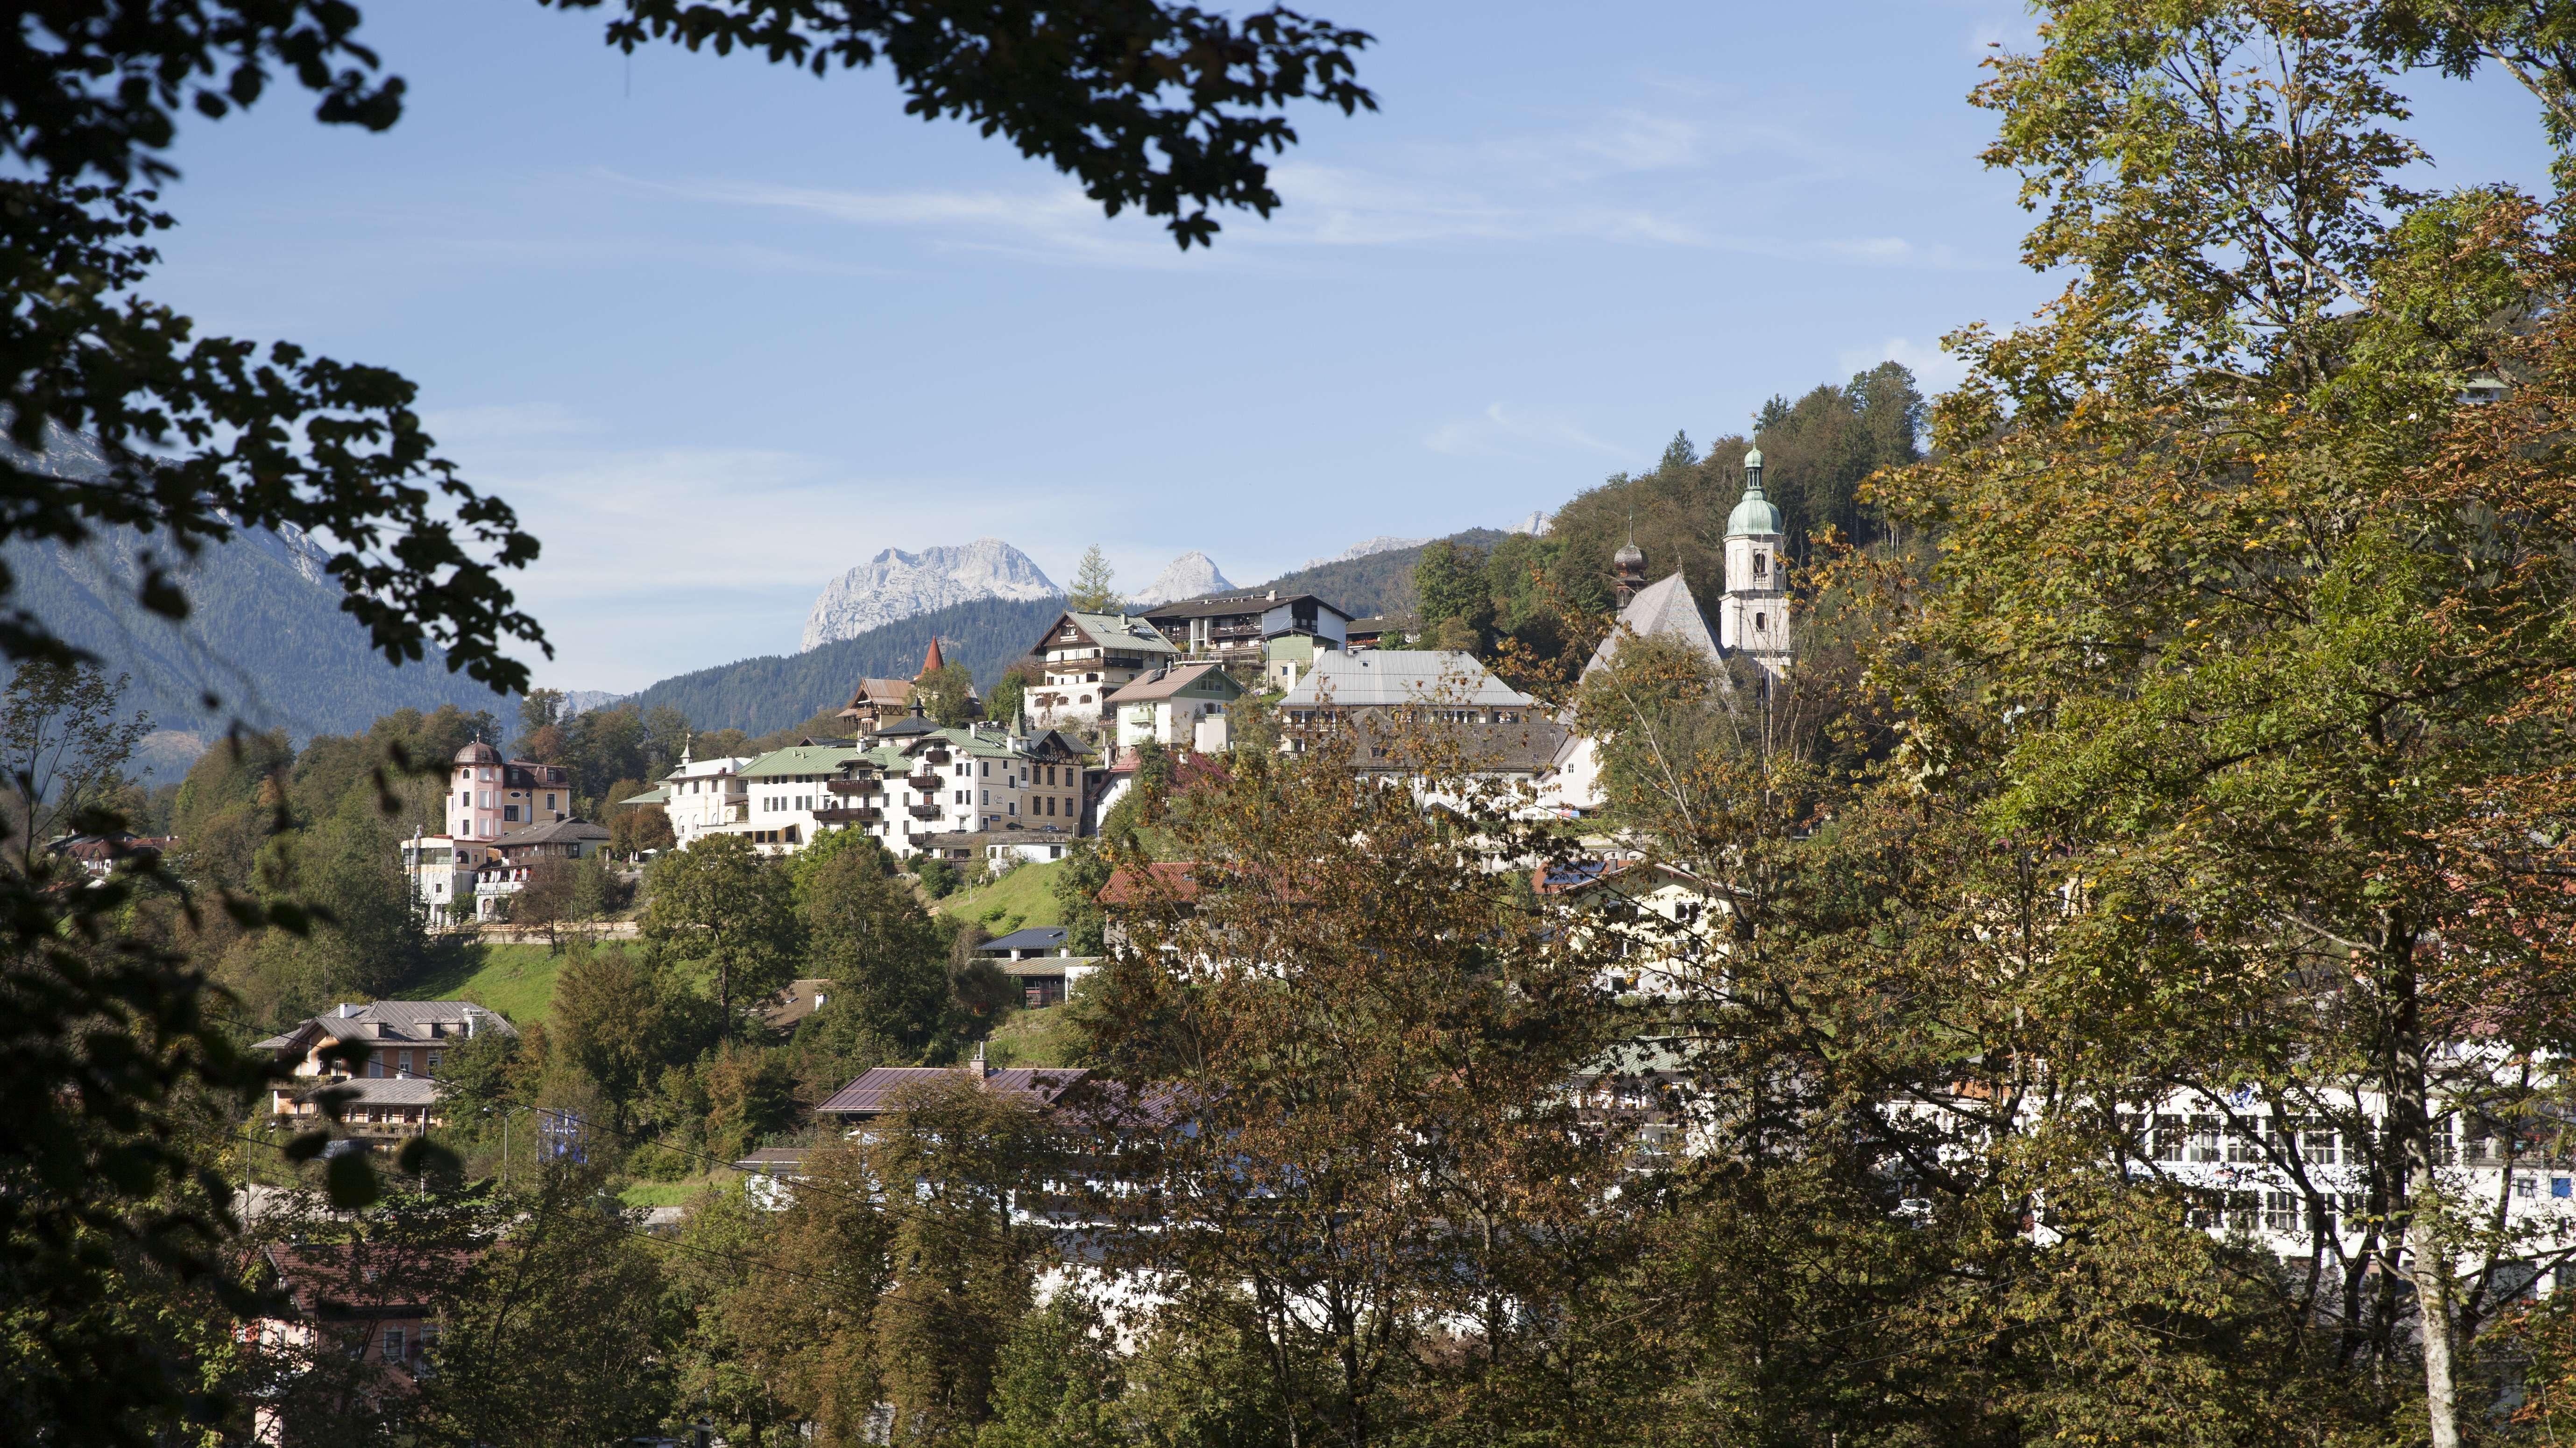 Blick auf das Franziskanerkloster in Berchtesgaden.